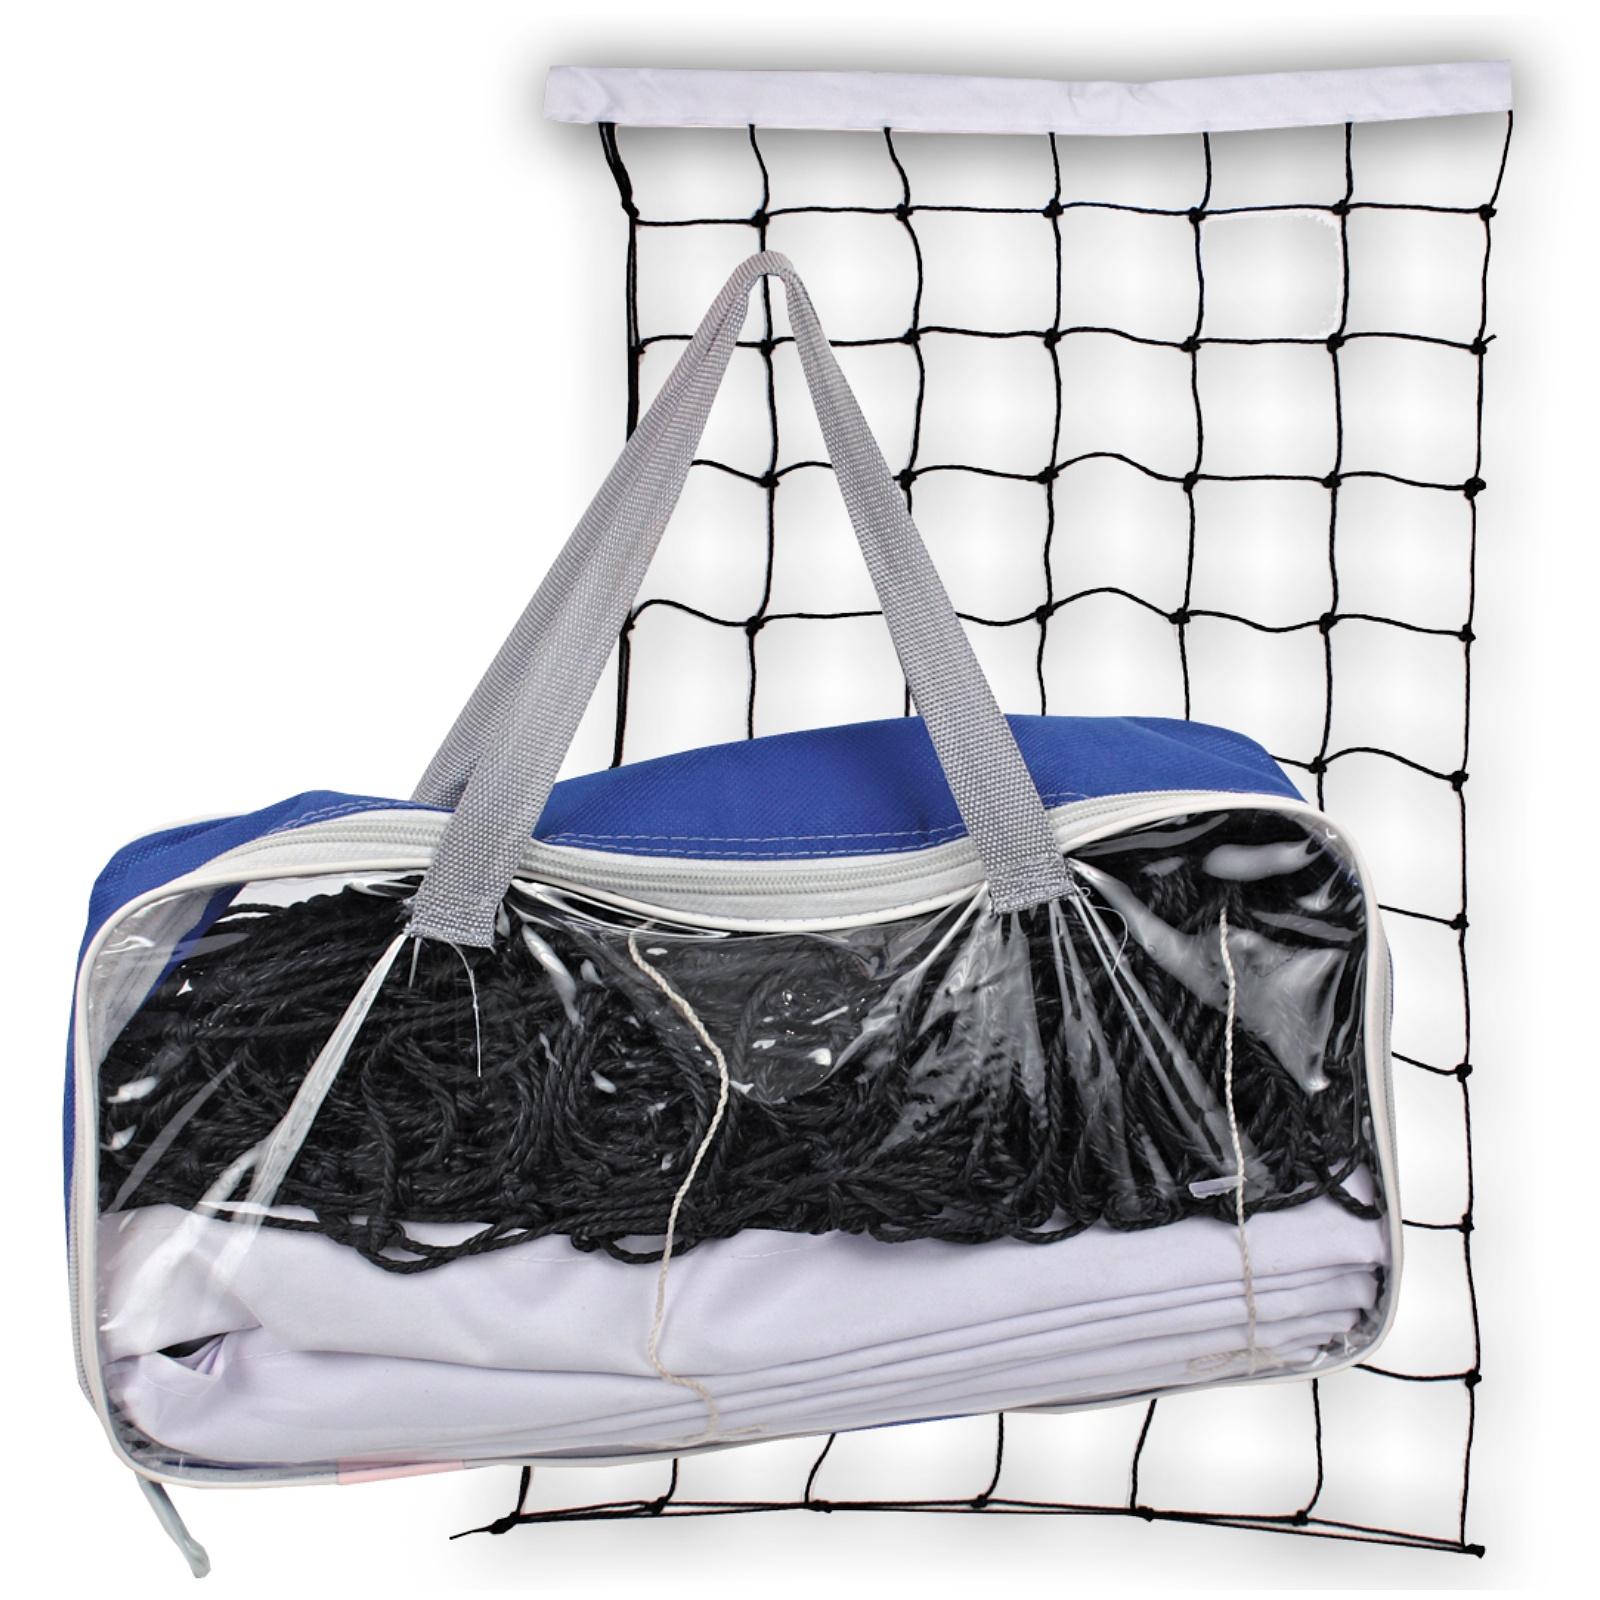 Volejbalová síť SPOKEY Volleynet2